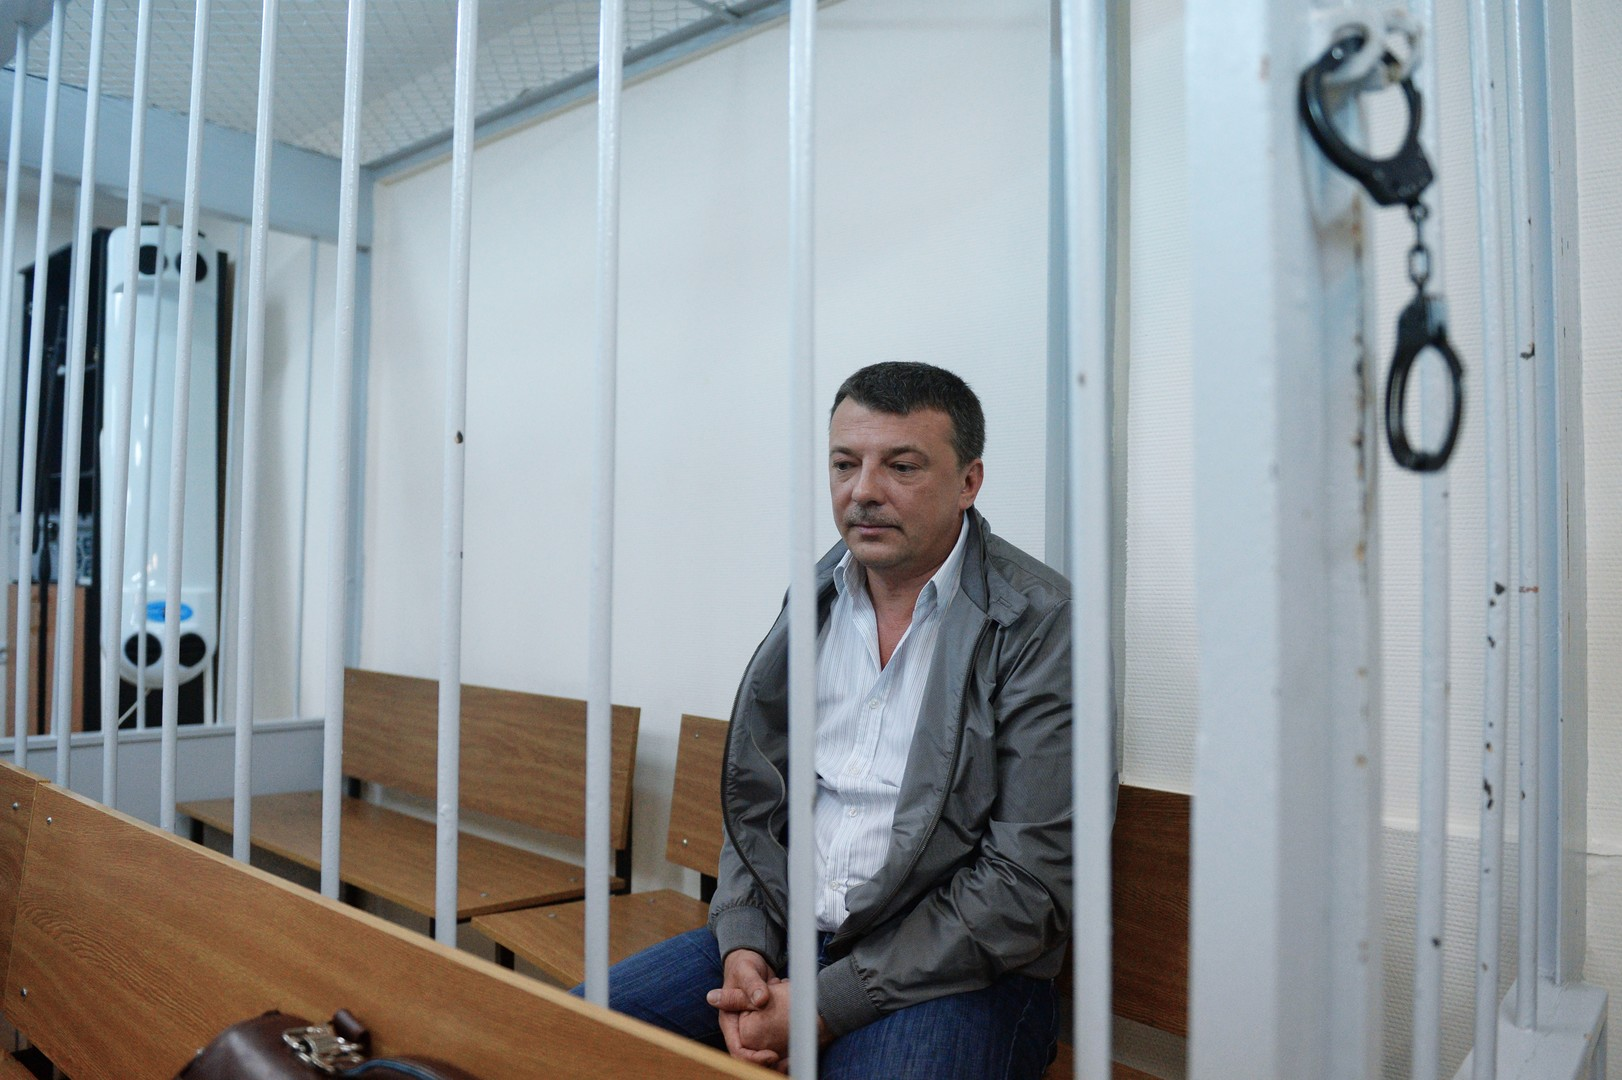 Суд санкционировал арест трёх сотрудников СК РФ по делу о взятках